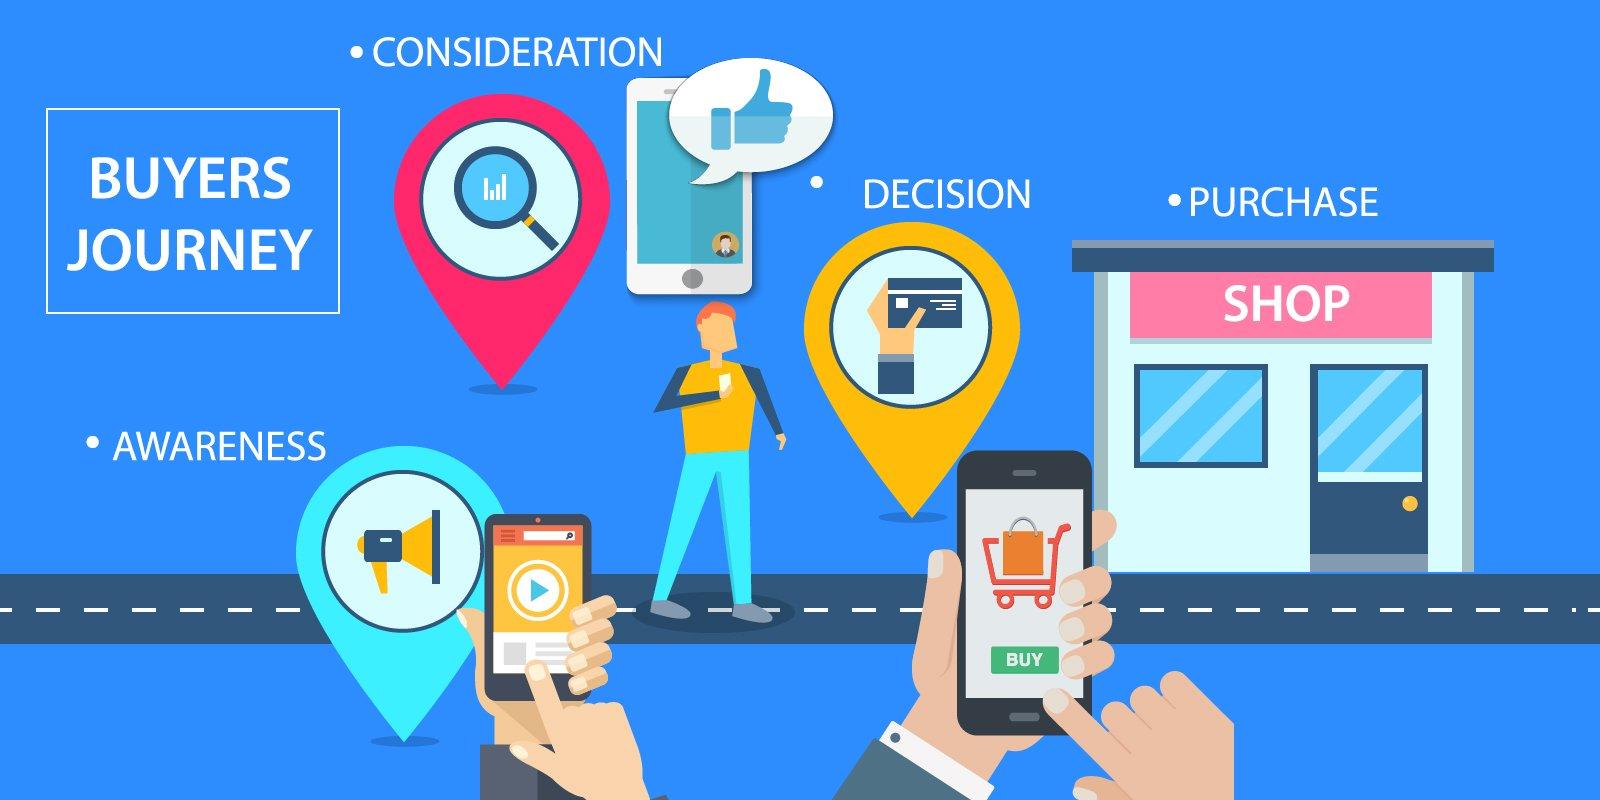 Buyers journey_mobile